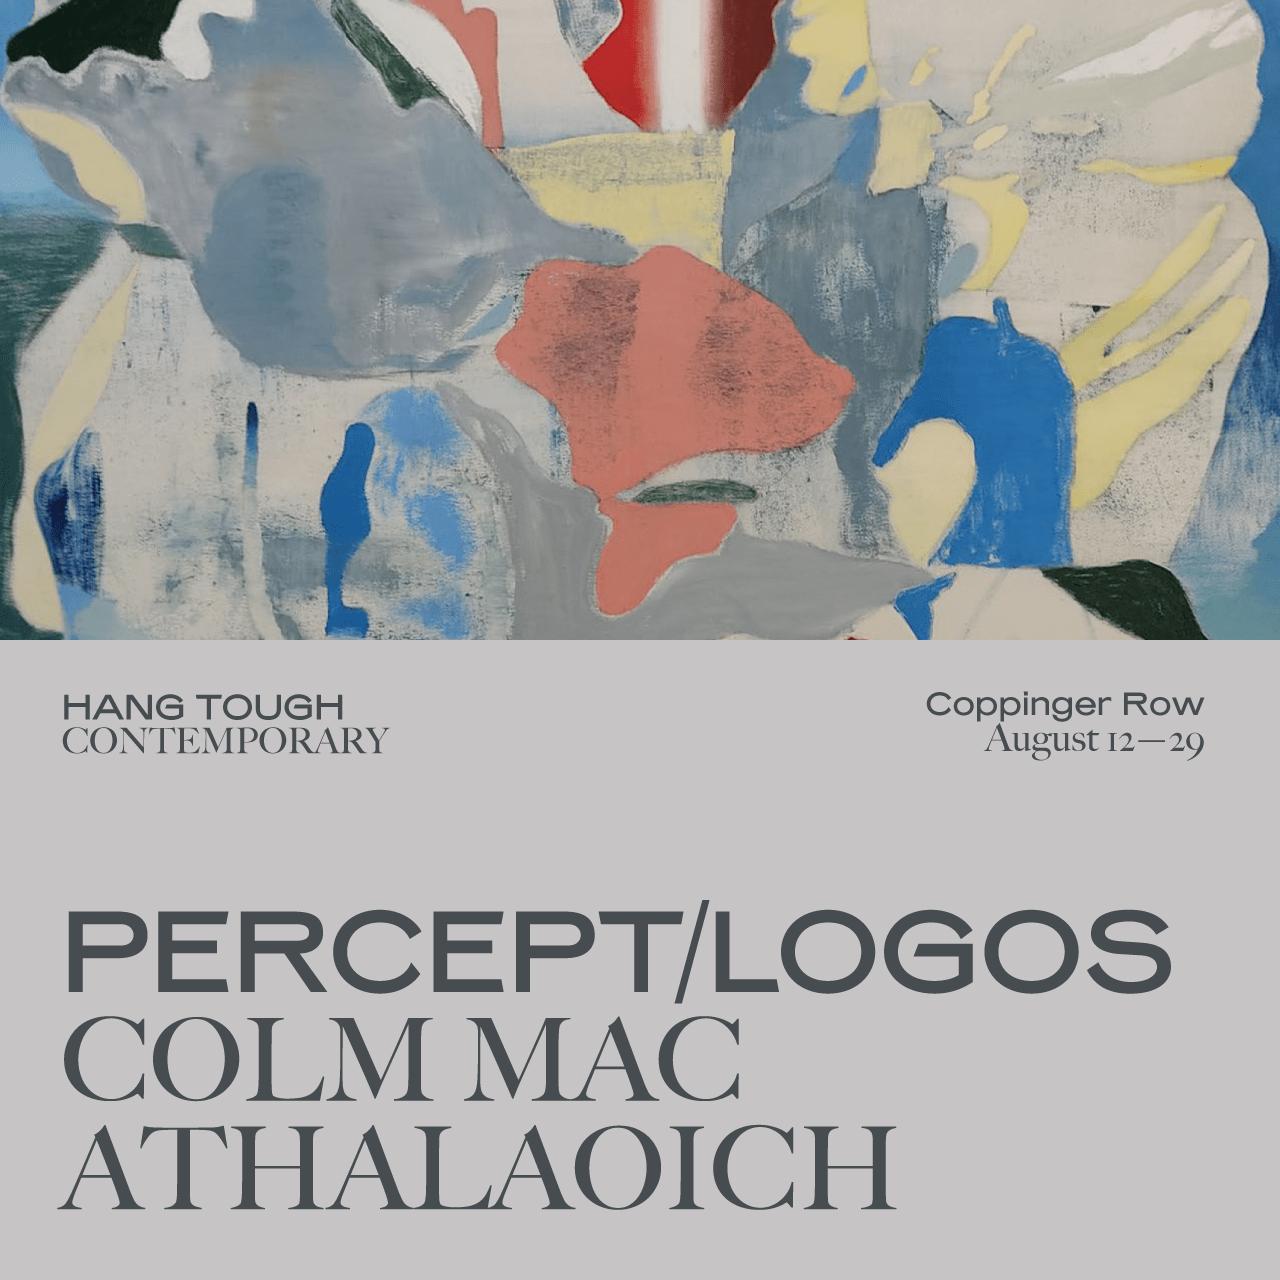 PERCEPT / LOGOS